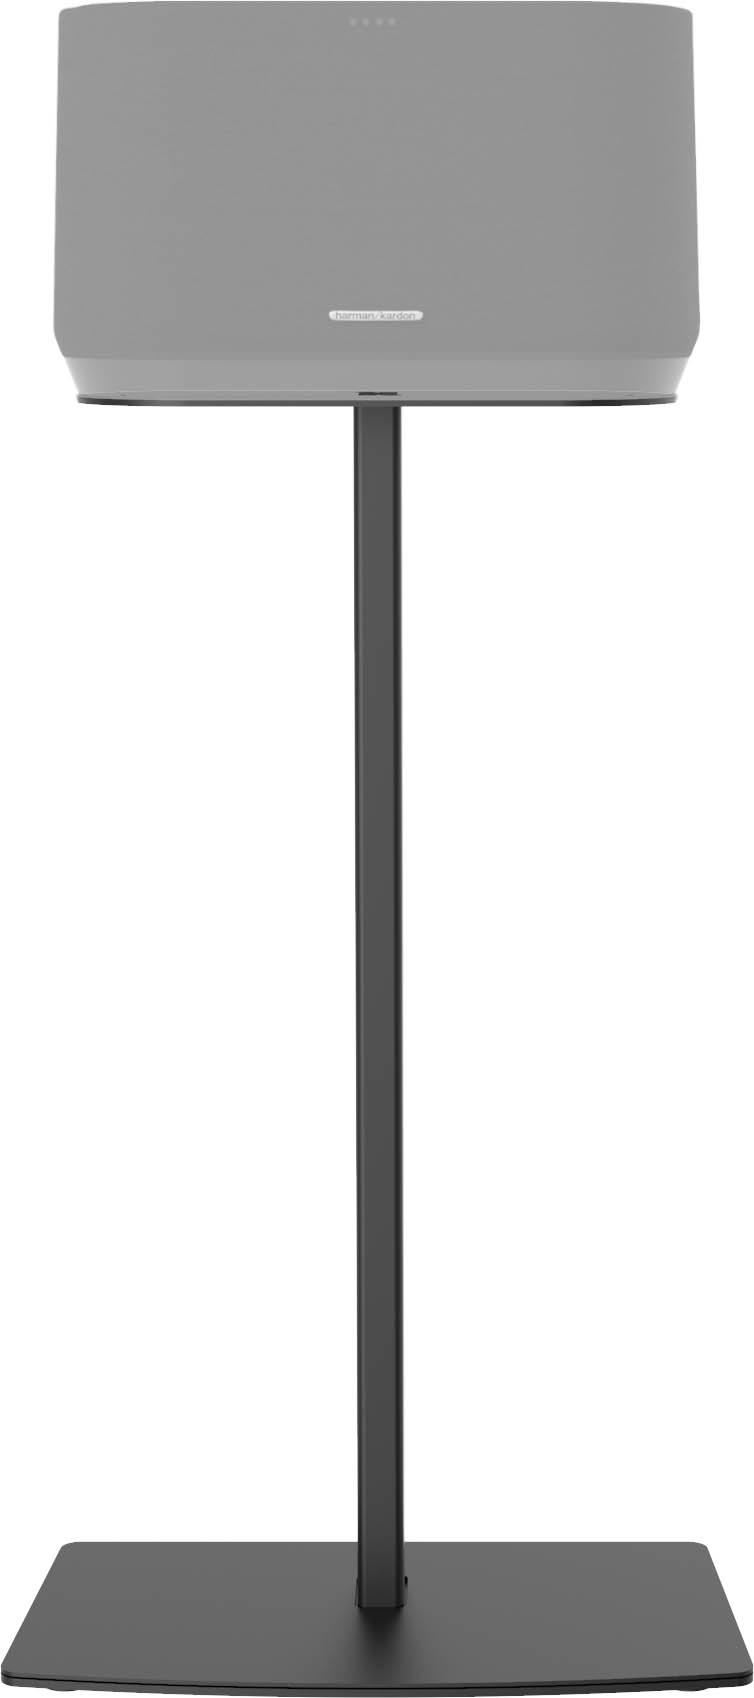 Cavus vloerstandaard voor Harman Kardon Citation 300 Zwart